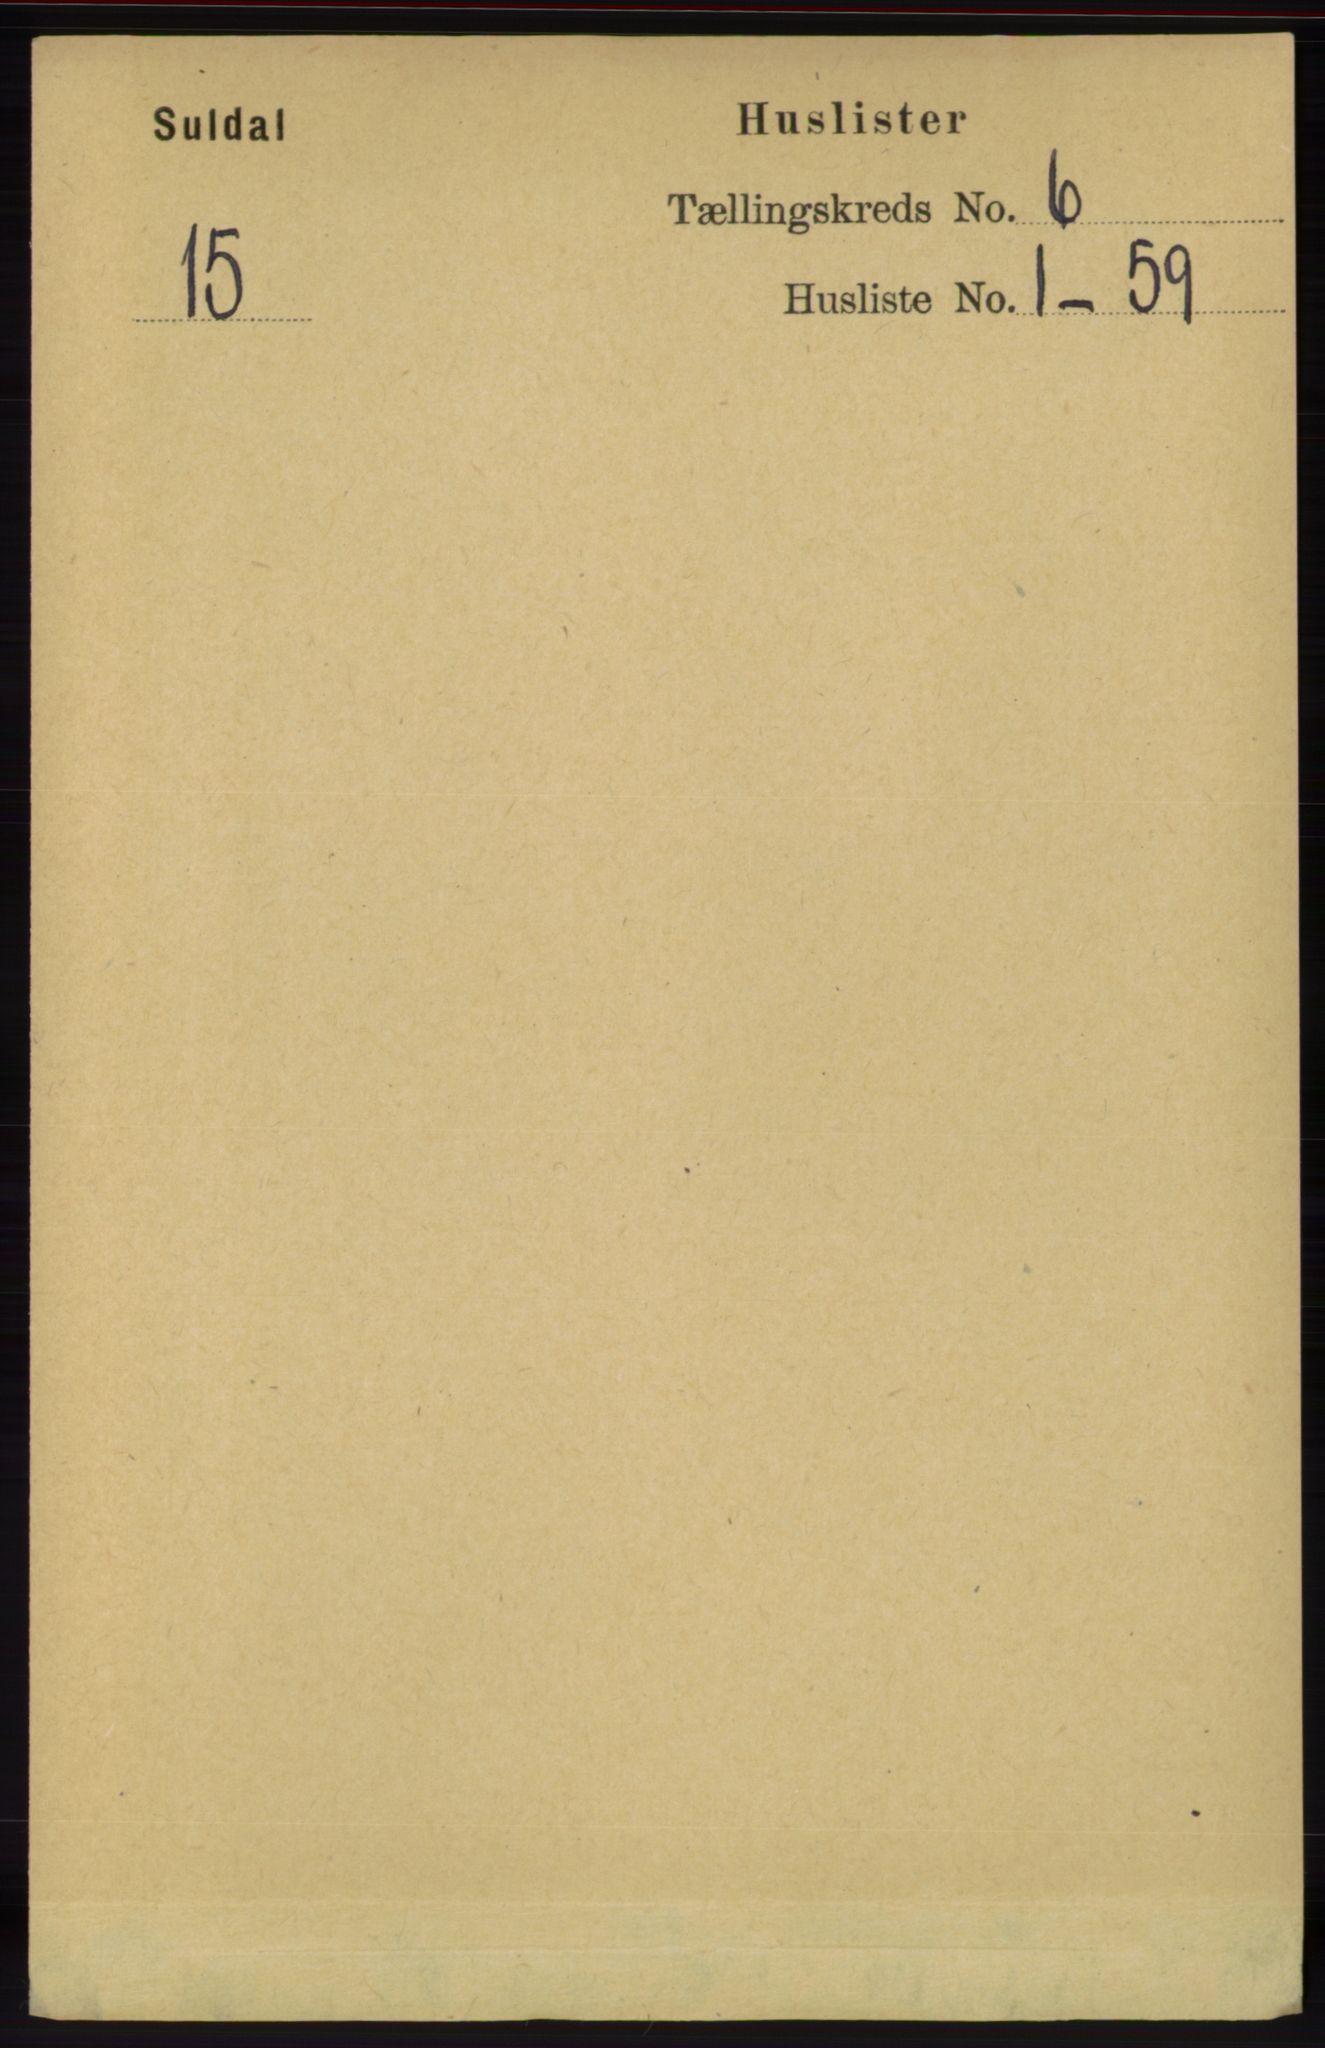 RA, Folketelling 1891 for 1134 Suldal herred, 1891, s. 1533